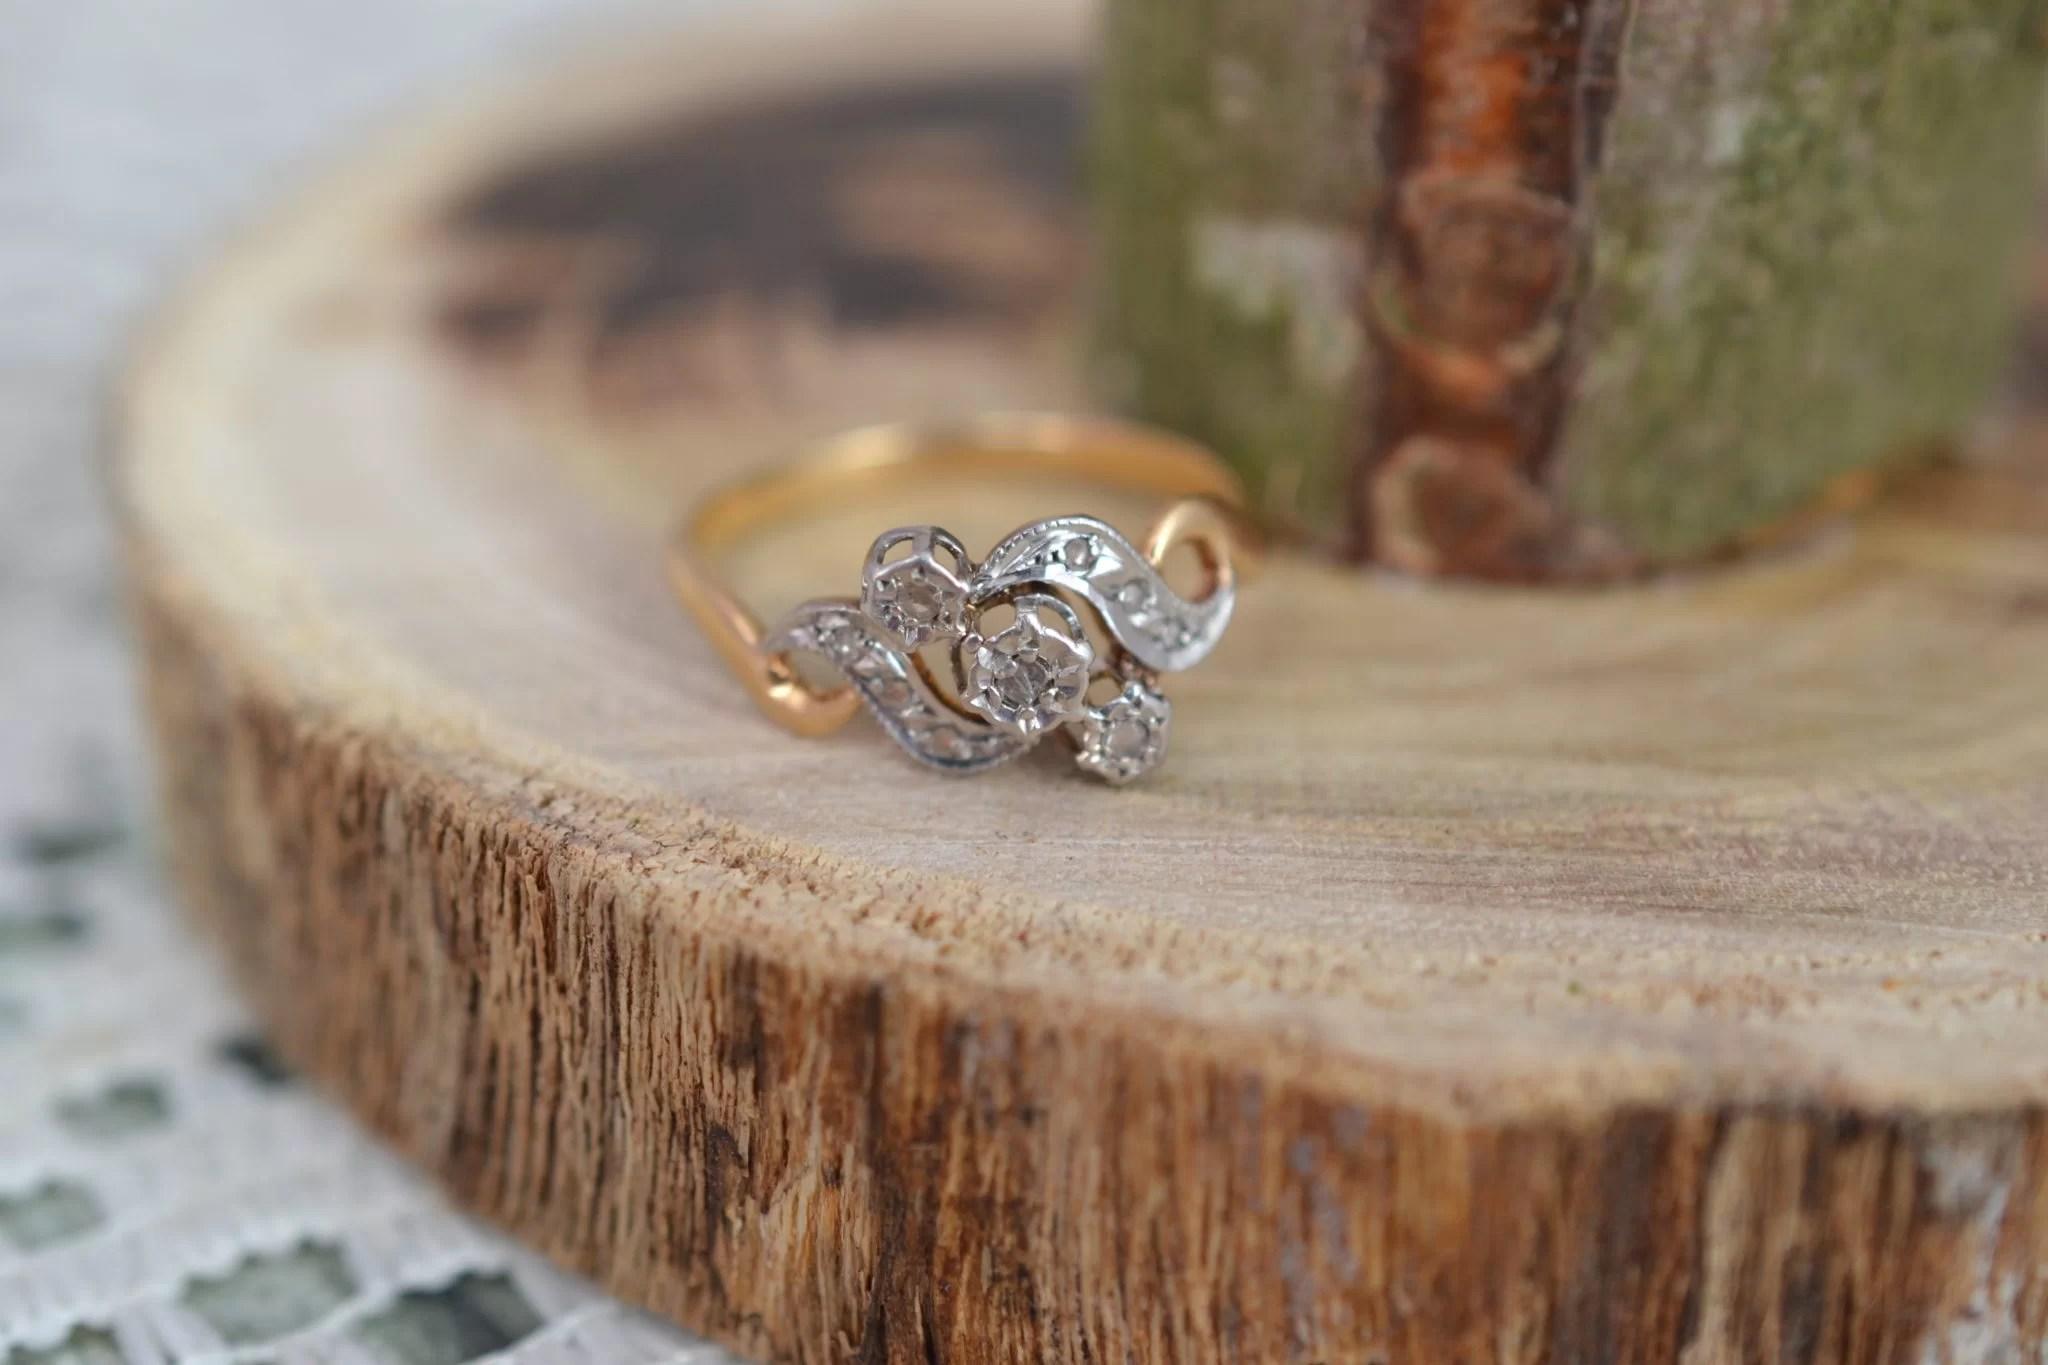 Bague Mouvementée En Or Deux Tons Sertie D_éclats De Diamants, Vers 1900 - Bague Ancienne